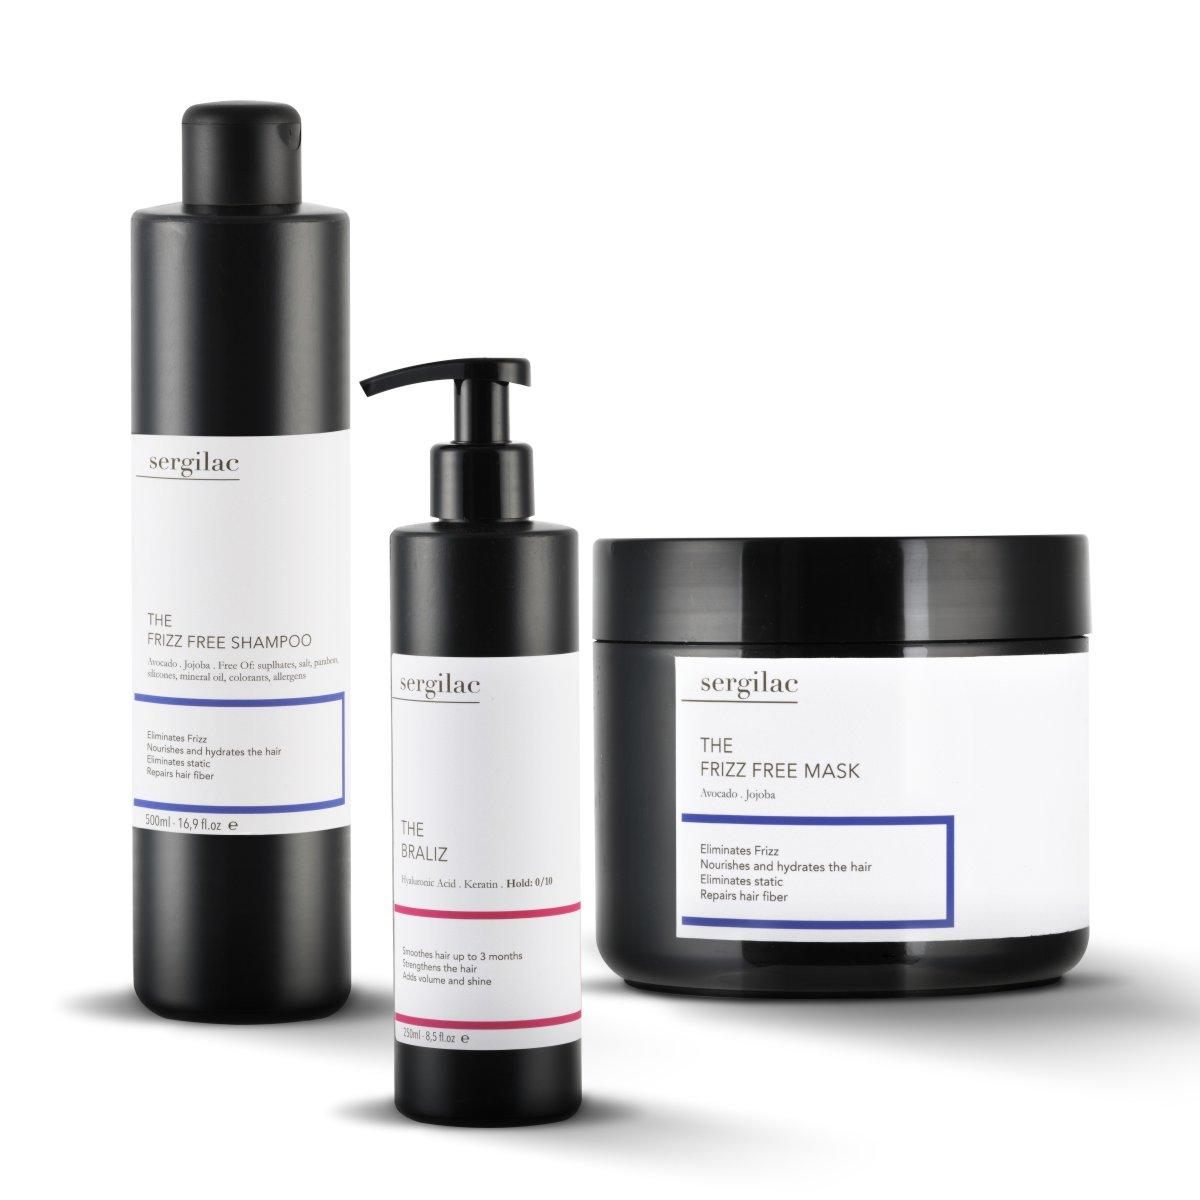 Lote Alisado acido hialuronico Sergilac | The Braliz + Frizz Free Shampoo + Frizz Free Mask